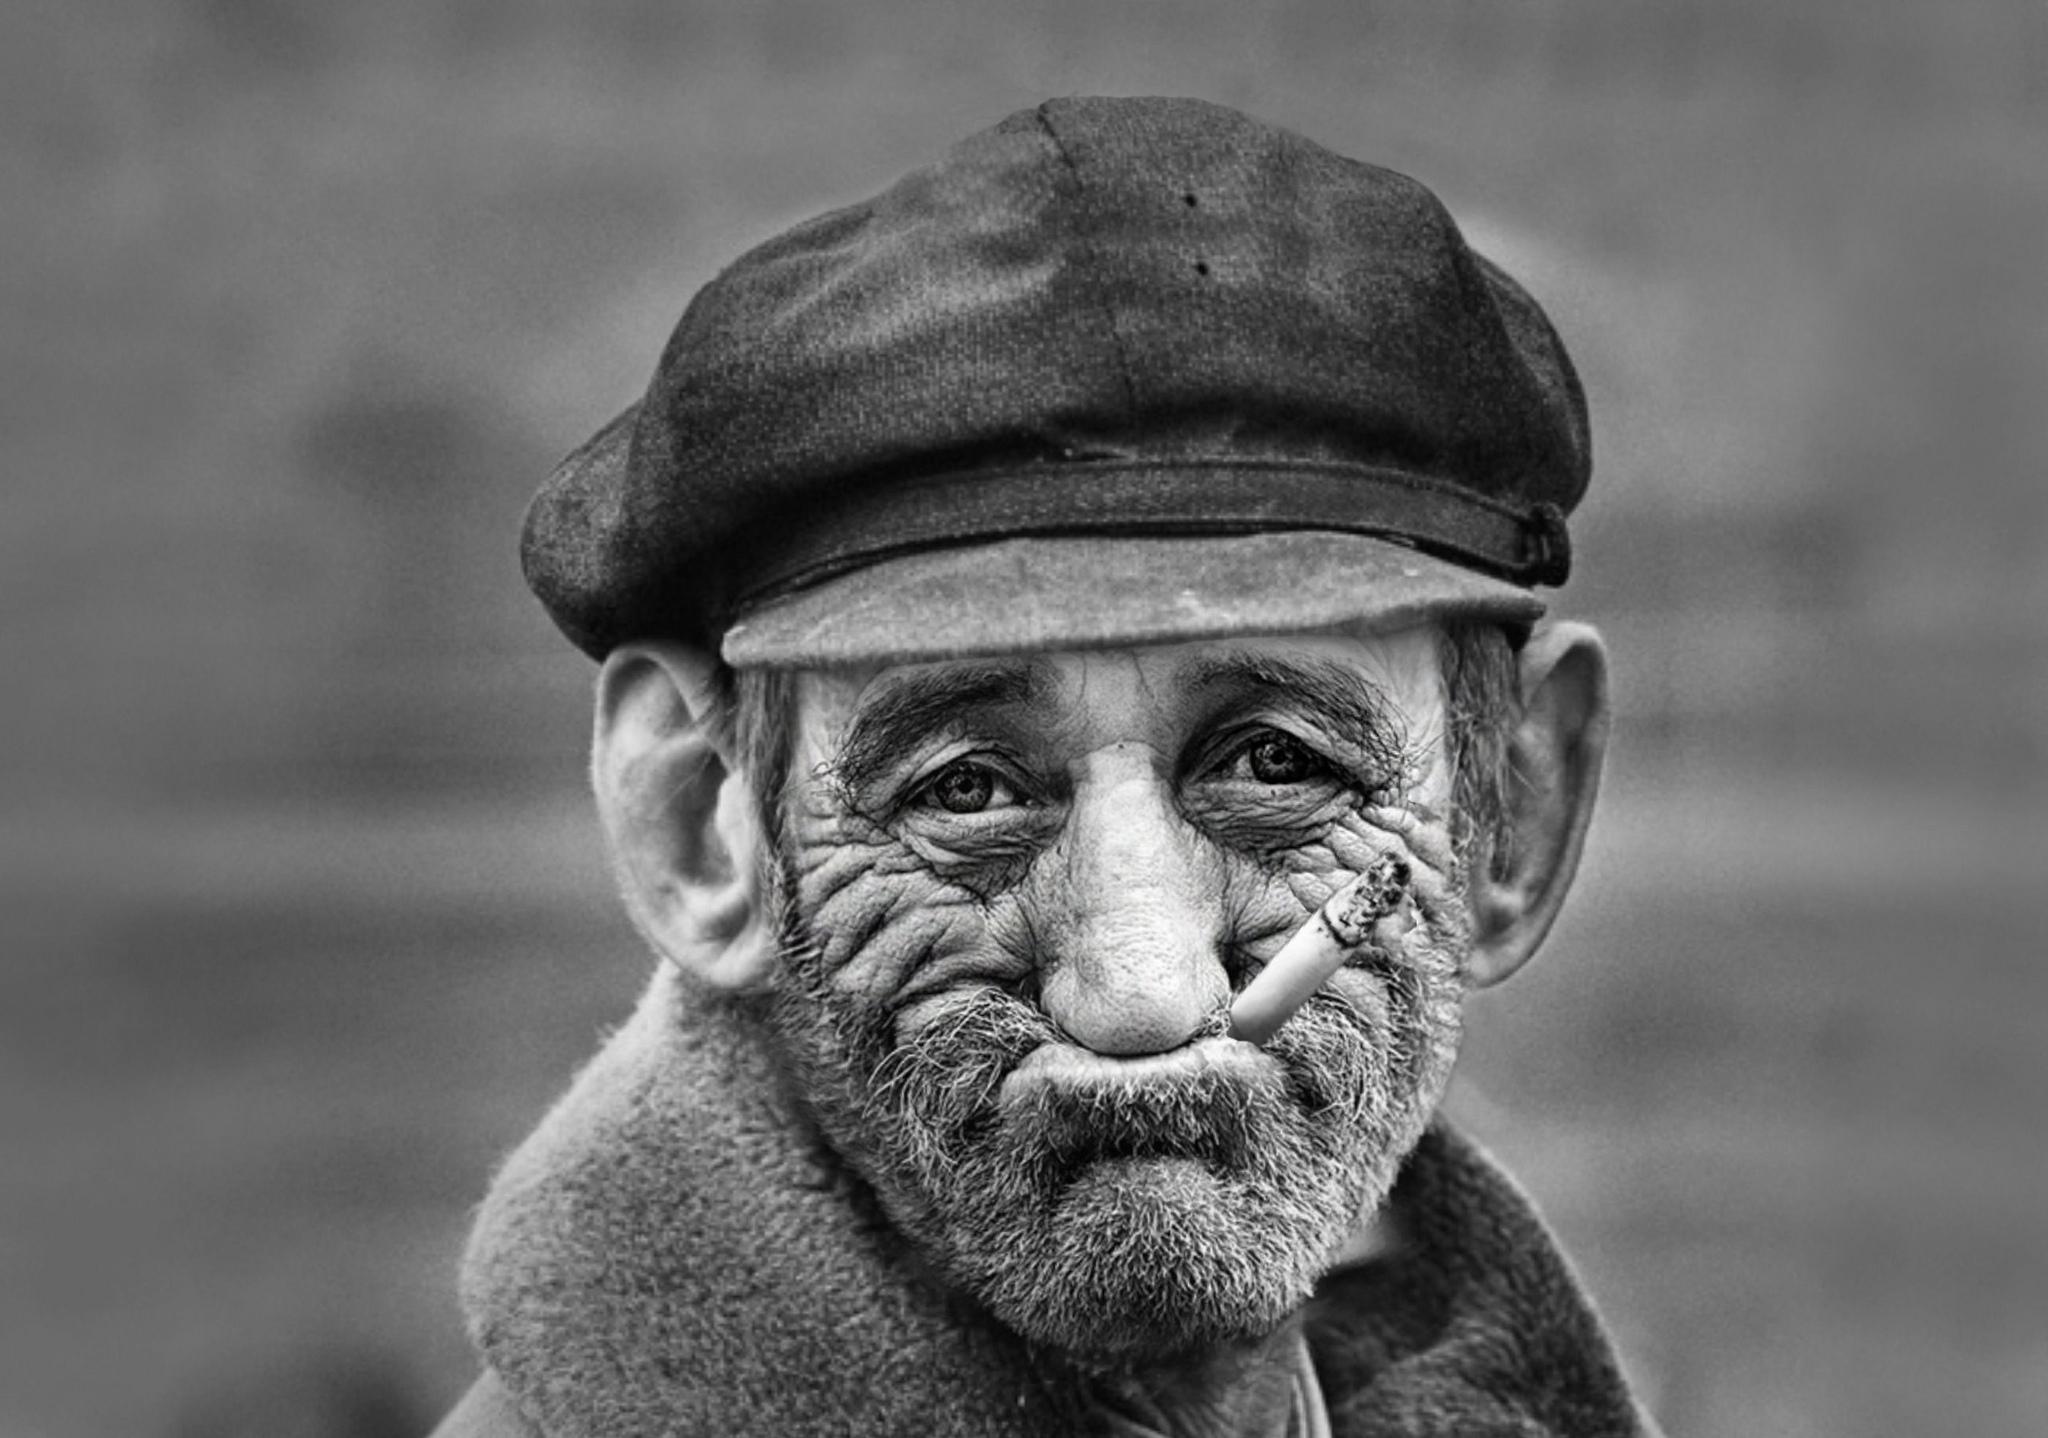 мужчину наверное смешные фото старого деда оговорюсь